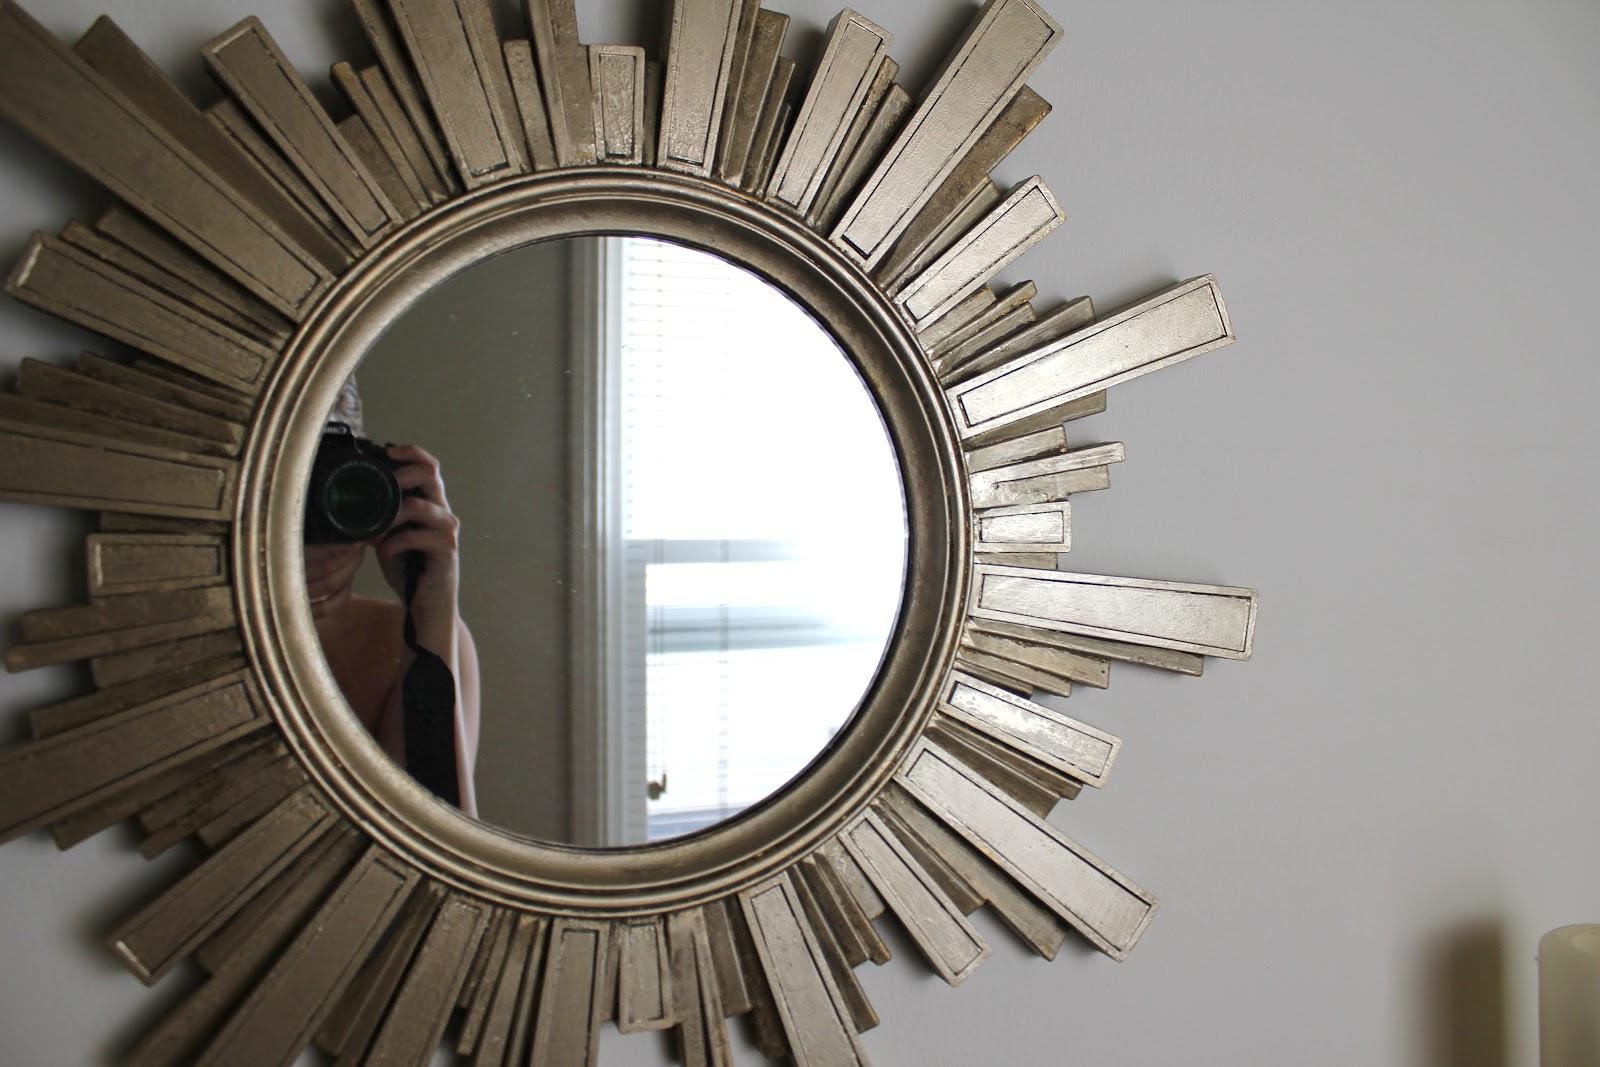 génial-unique-miroirs-design-avec-sunburst-couloir-miroir-décor-combiné-cuivre-matériaux-et-verre-rond-forme-pour-comment-décorer-miroirs-idées-comment-décorer- miroirs-décoration-maison-idées-sur-ho